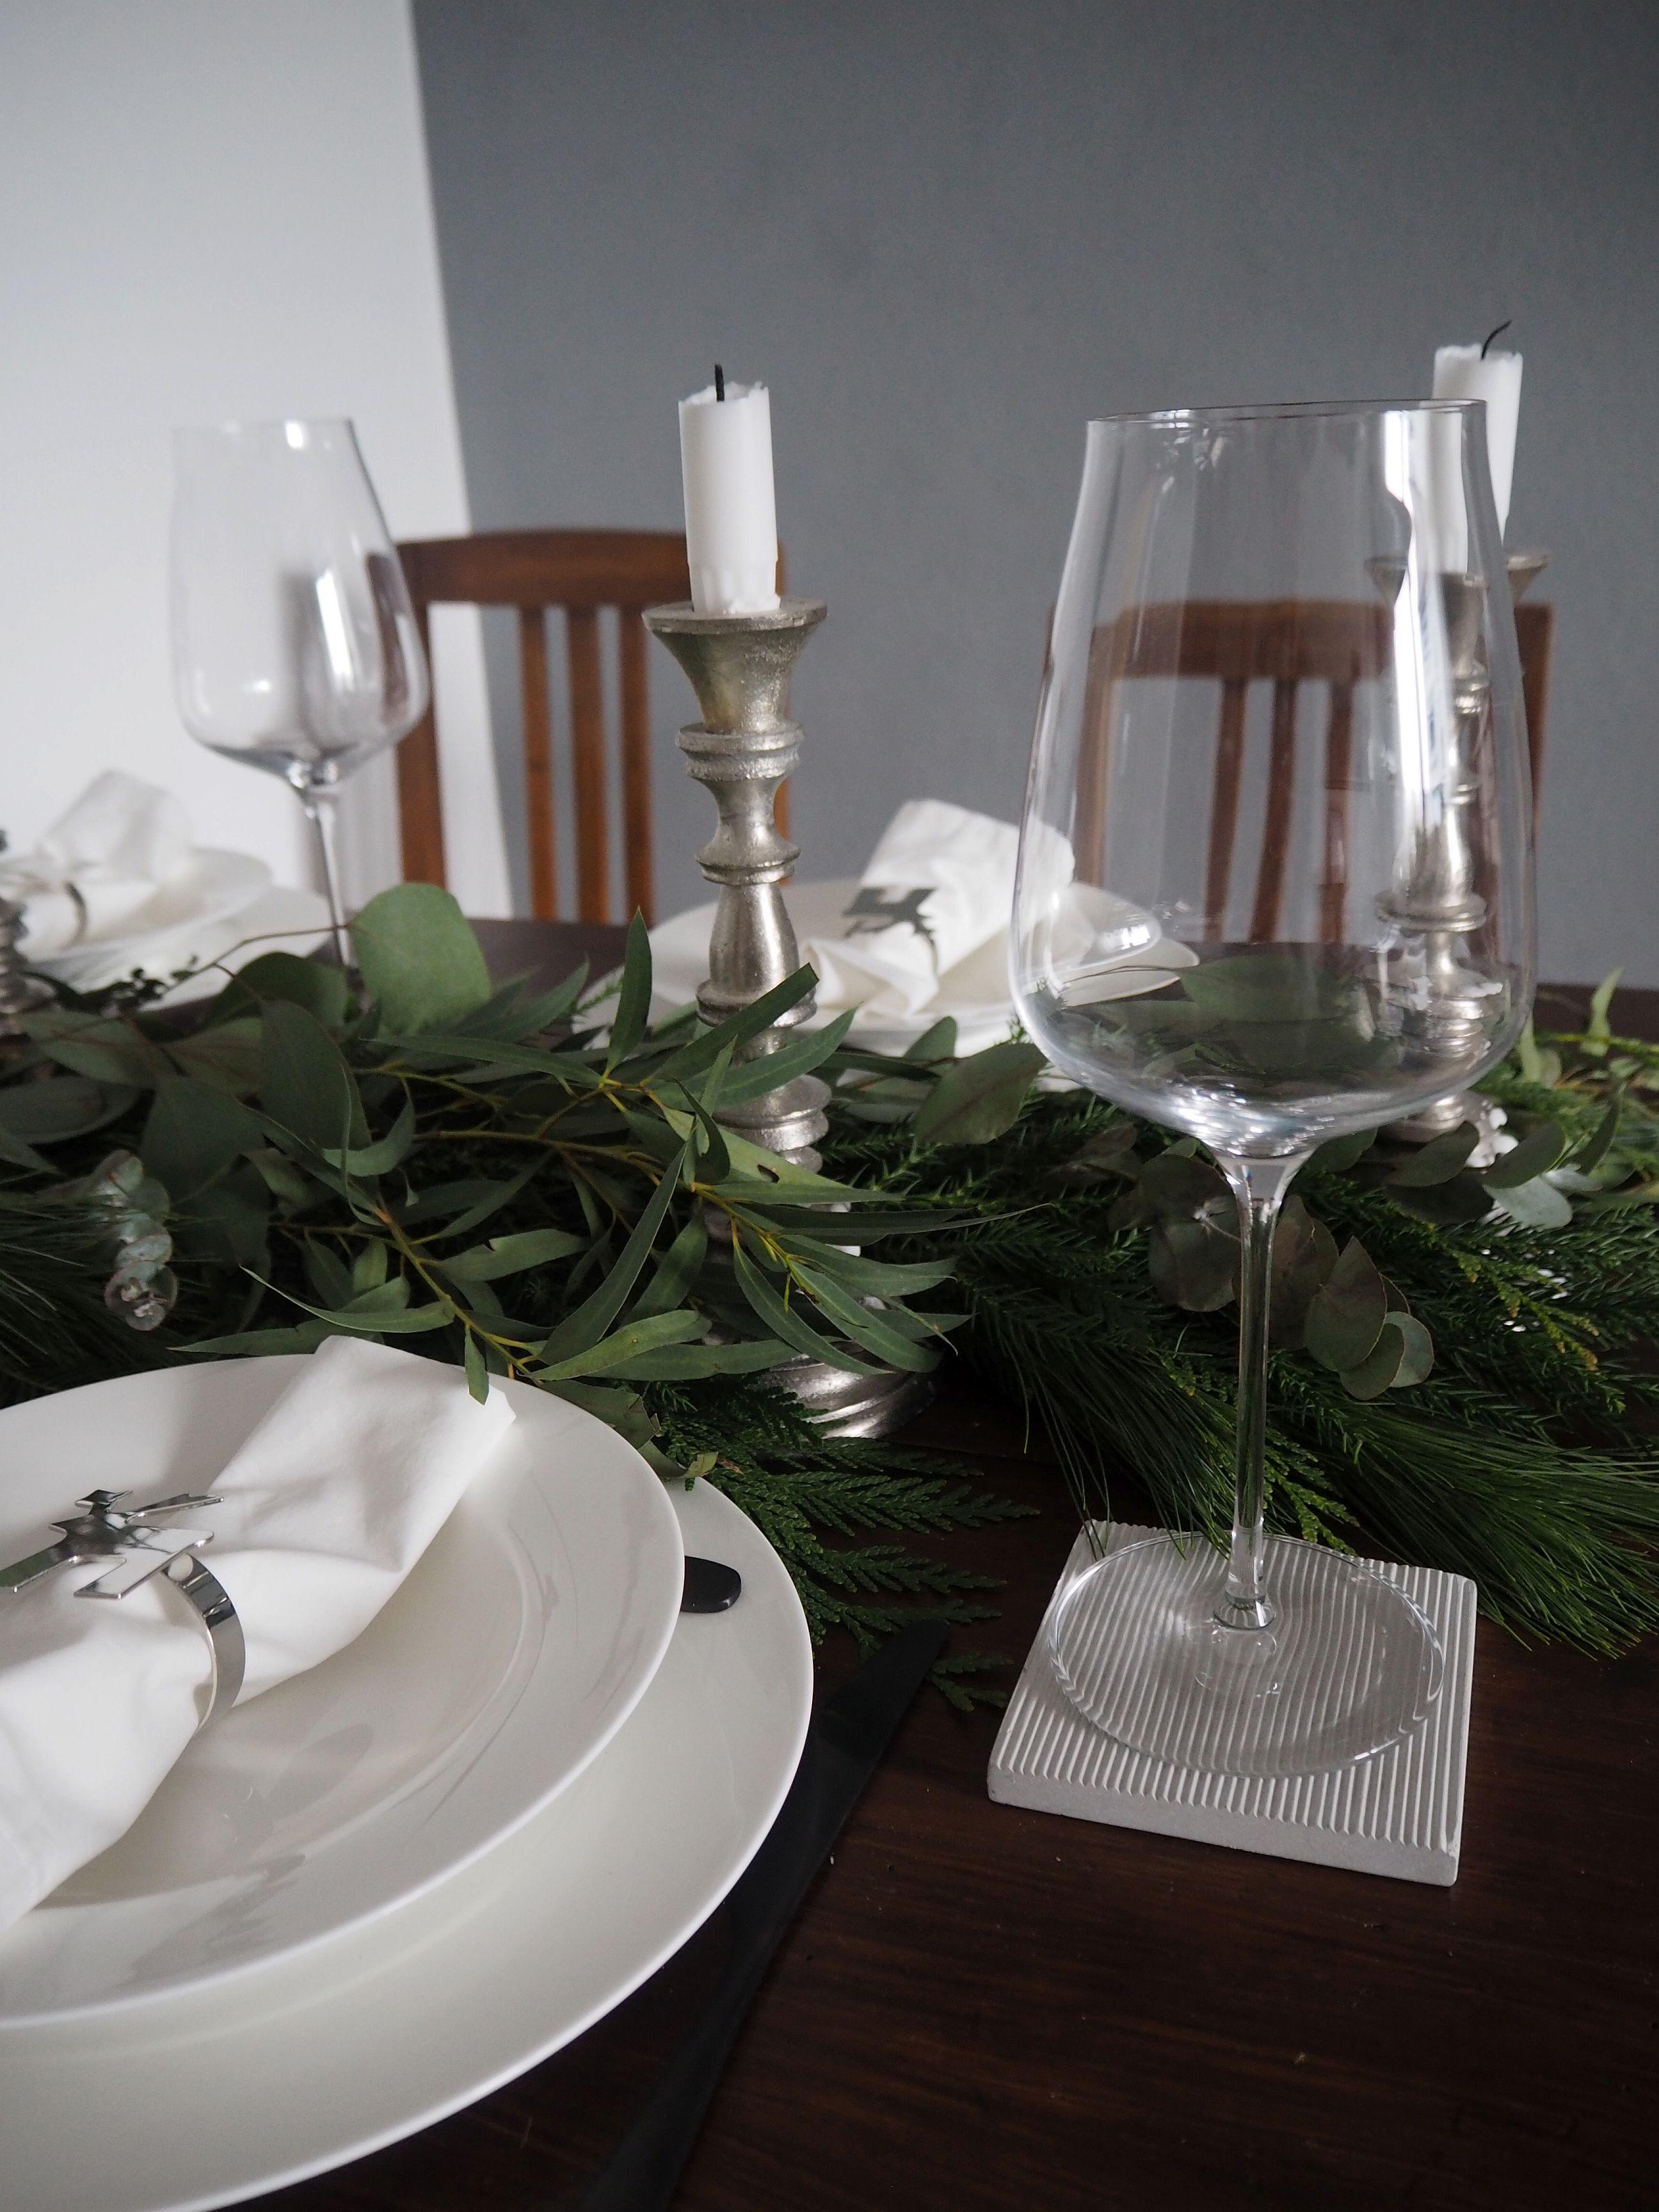 2017-12-skoen-och-kreativ-tischdeko-interior-schlichtes-skandinavisches-tablesetting-weihnachten (3 (9)